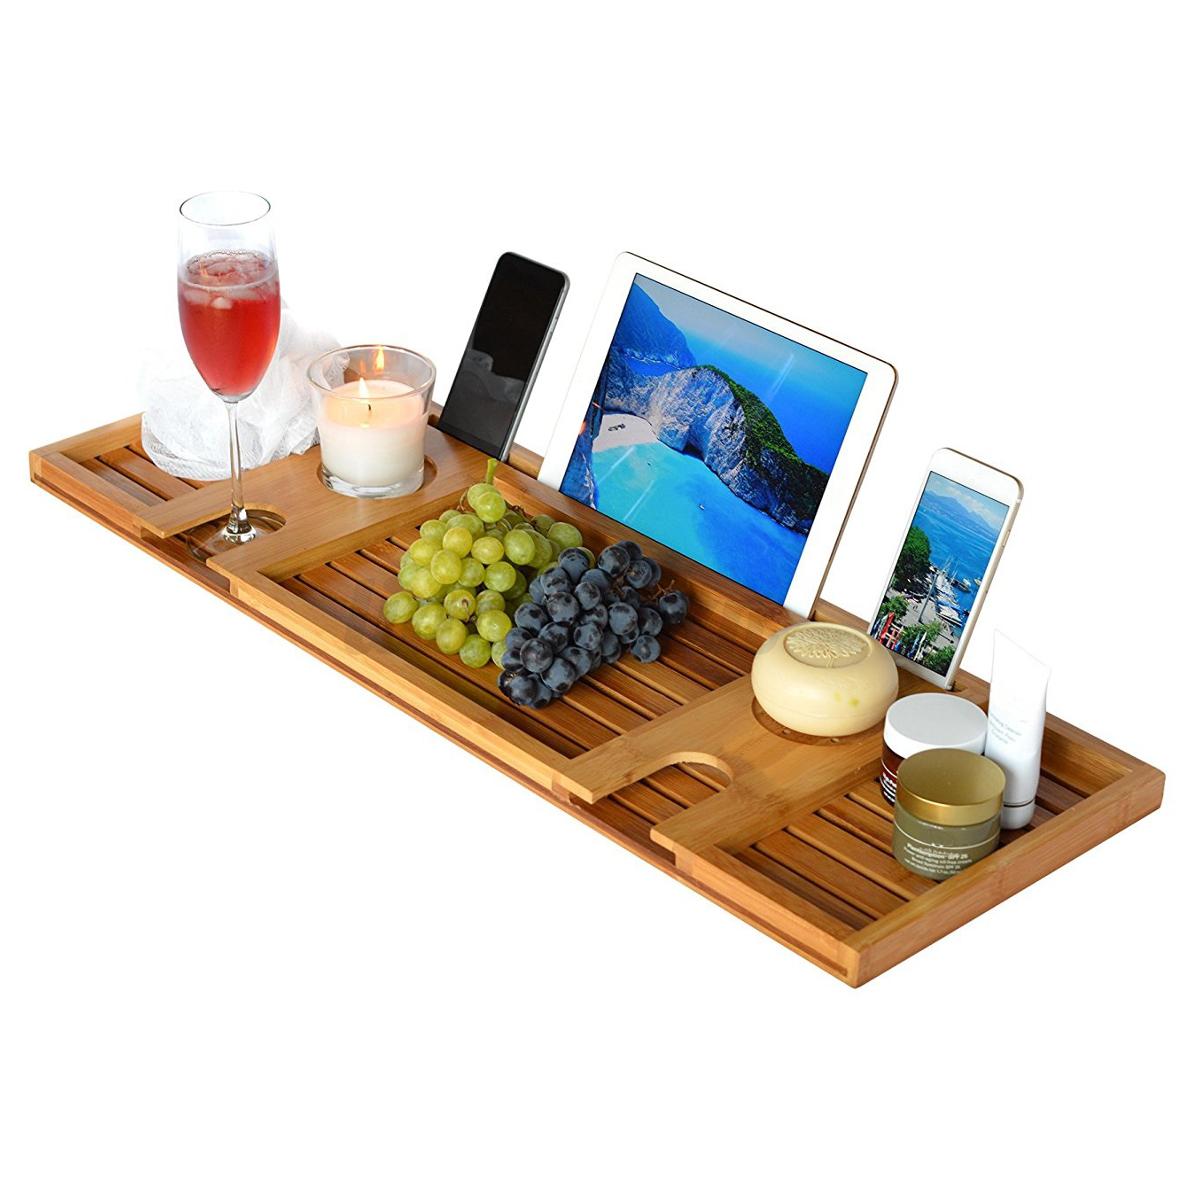 pont de baignoire tablette bambou bois salle de bain plateau support porte livre ebay. Black Bedroom Furniture Sets. Home Design Ideas